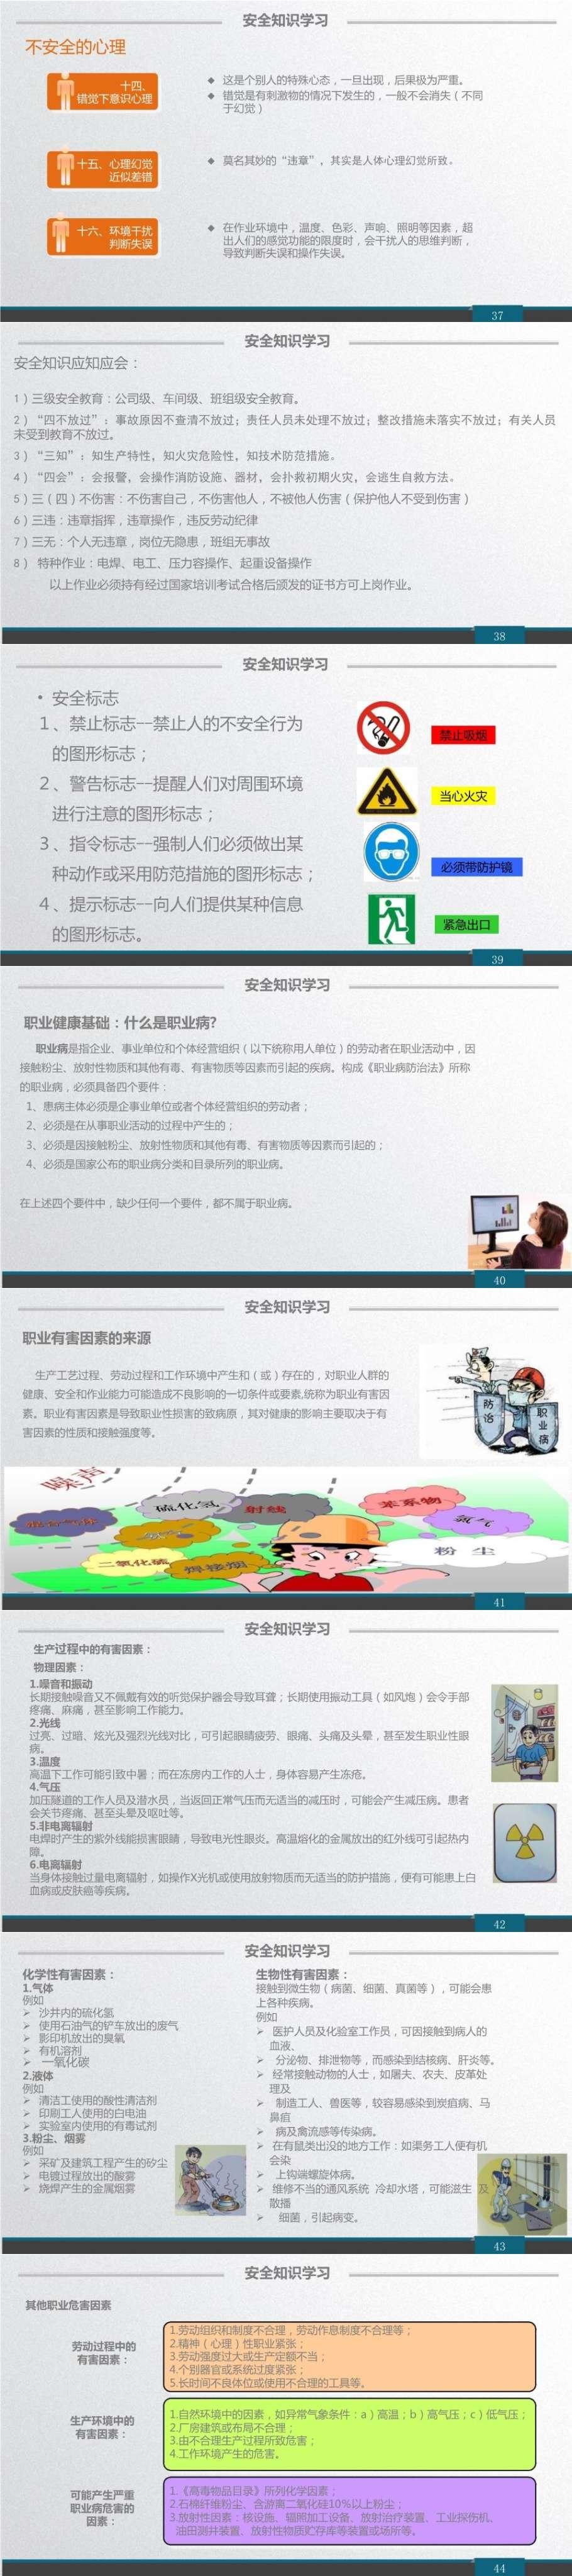 2018新安監人員及企業新員工安全入門培訓41-48_split.jpg